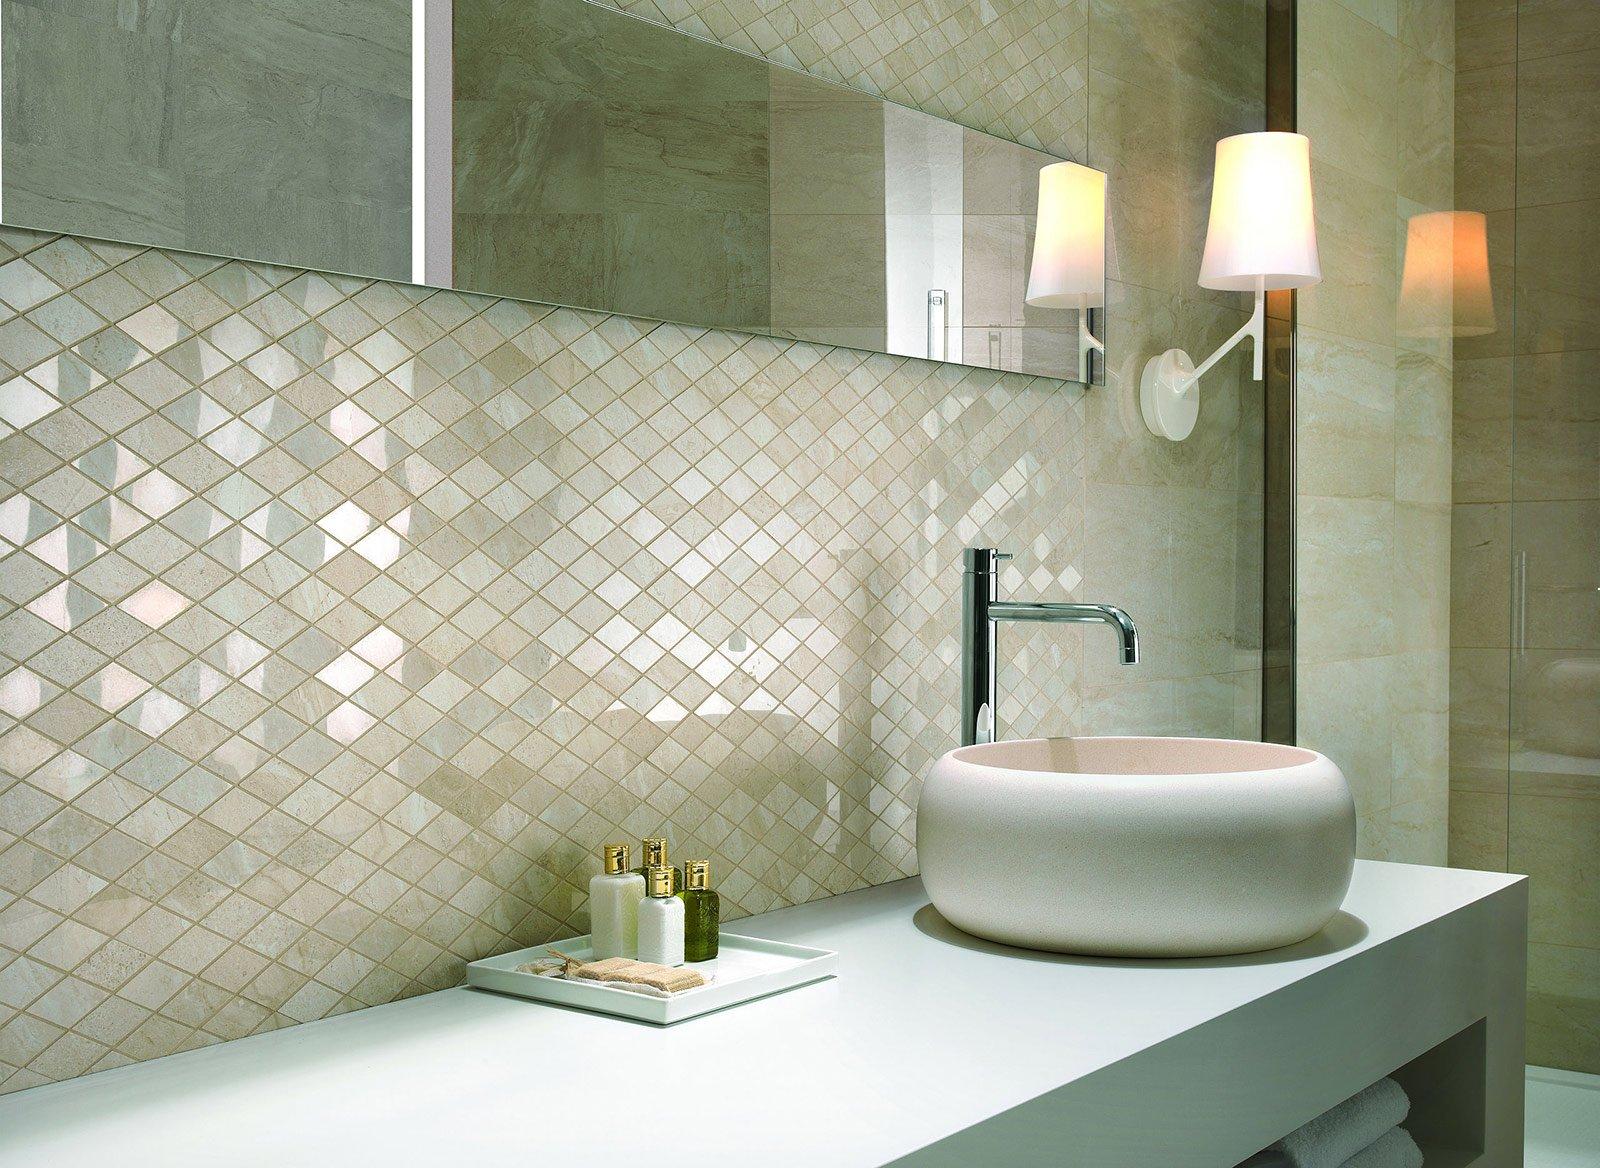 Piastrelle Arancioni Per Bagno piastrelle: rivestimenti d'effetto a parete in bagno - cose